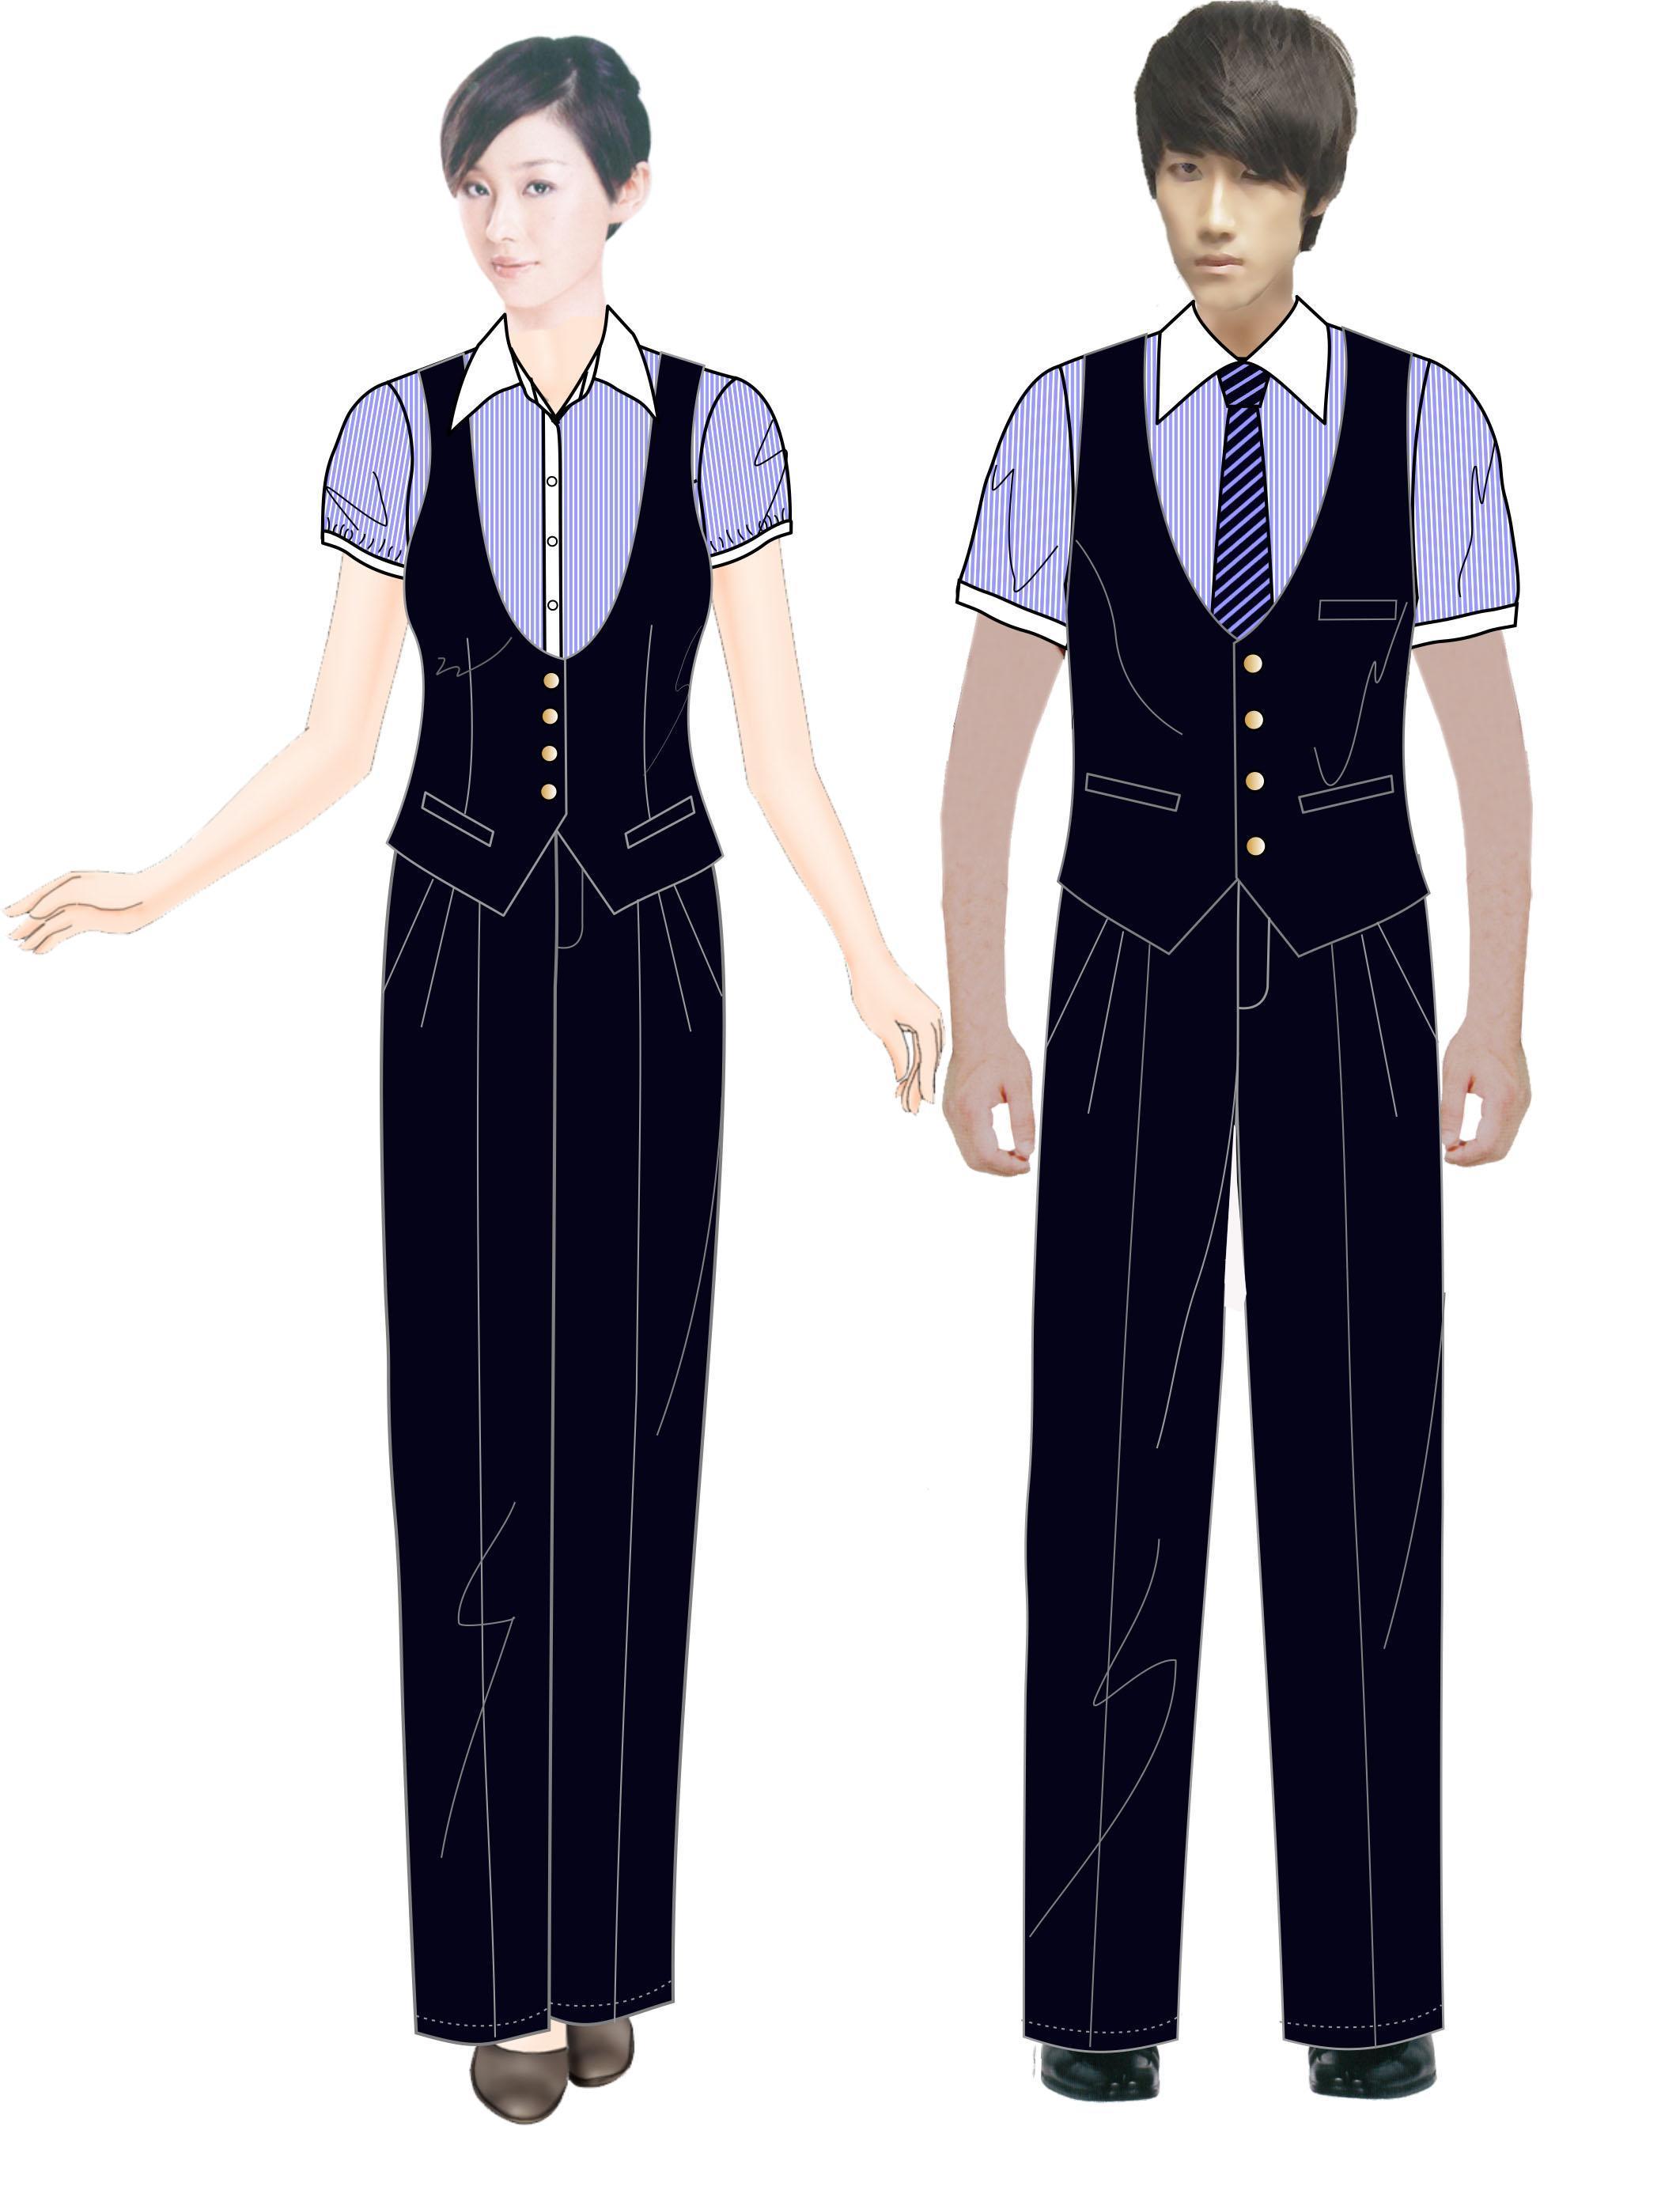 套装-职业服装设计-服装设计